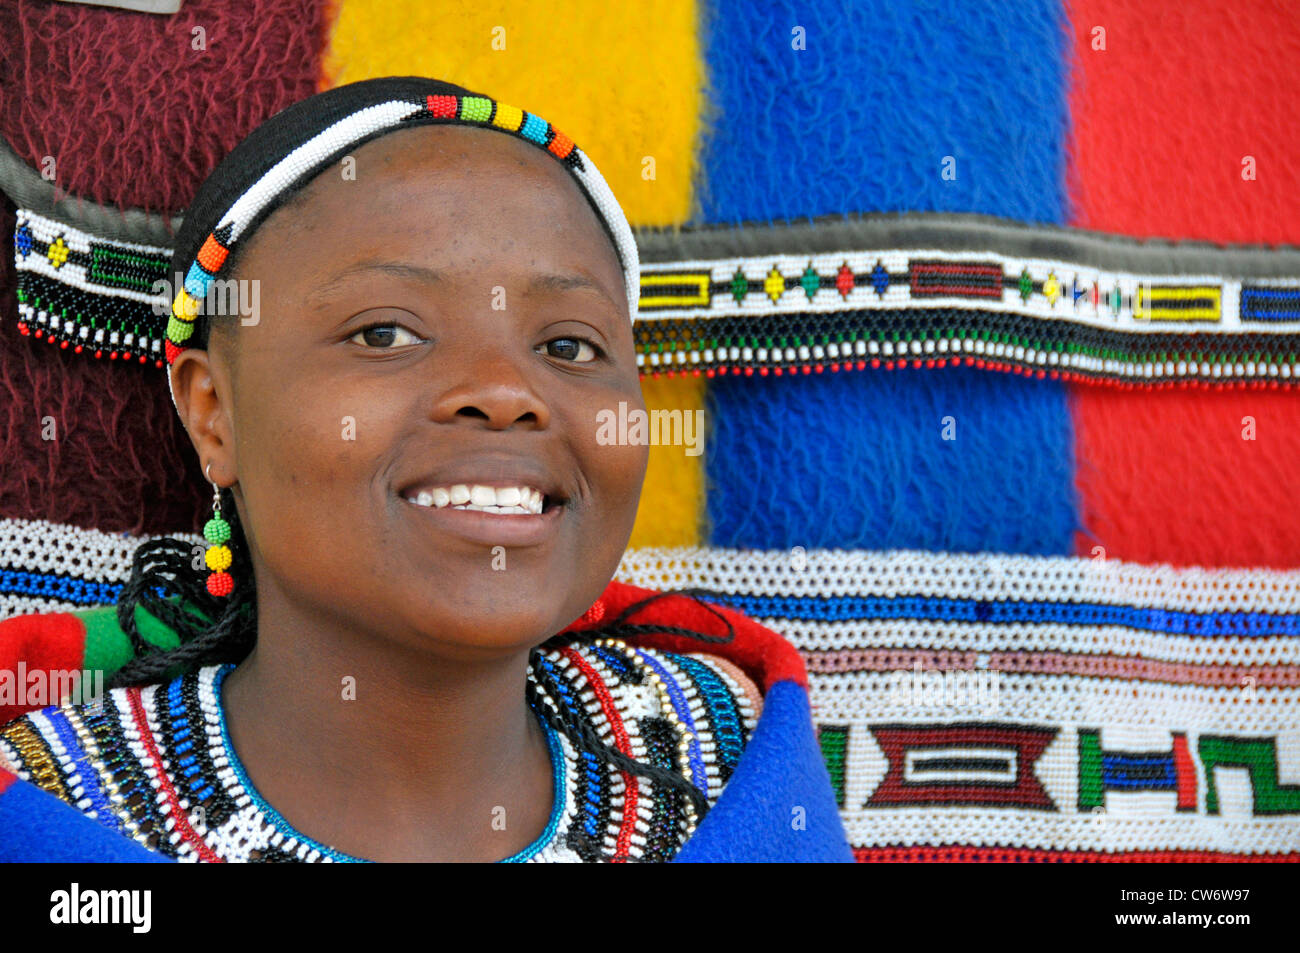 Ndebele South Africa Stockfotos Und Bilder Kaufen Alamy